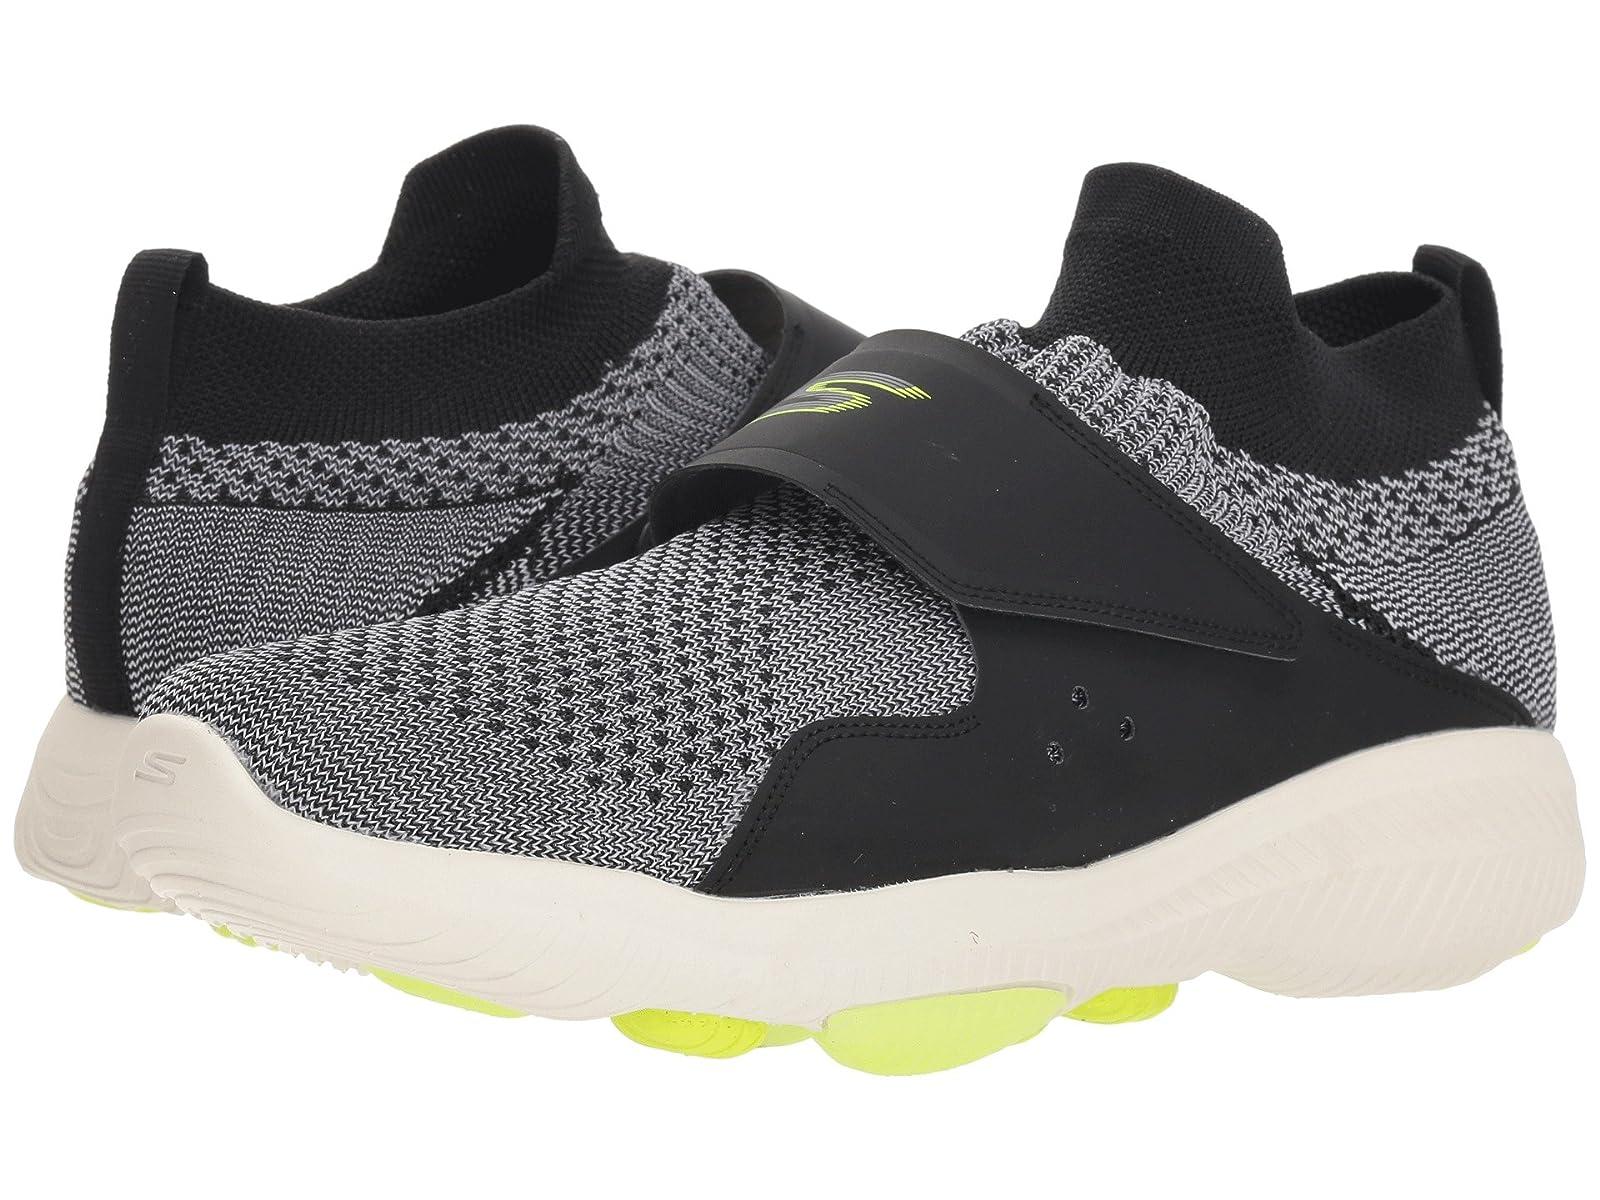 SKECHERS Performance Go Walk Revolution Ultra RevolveAtmospheric grades have affordable shoes